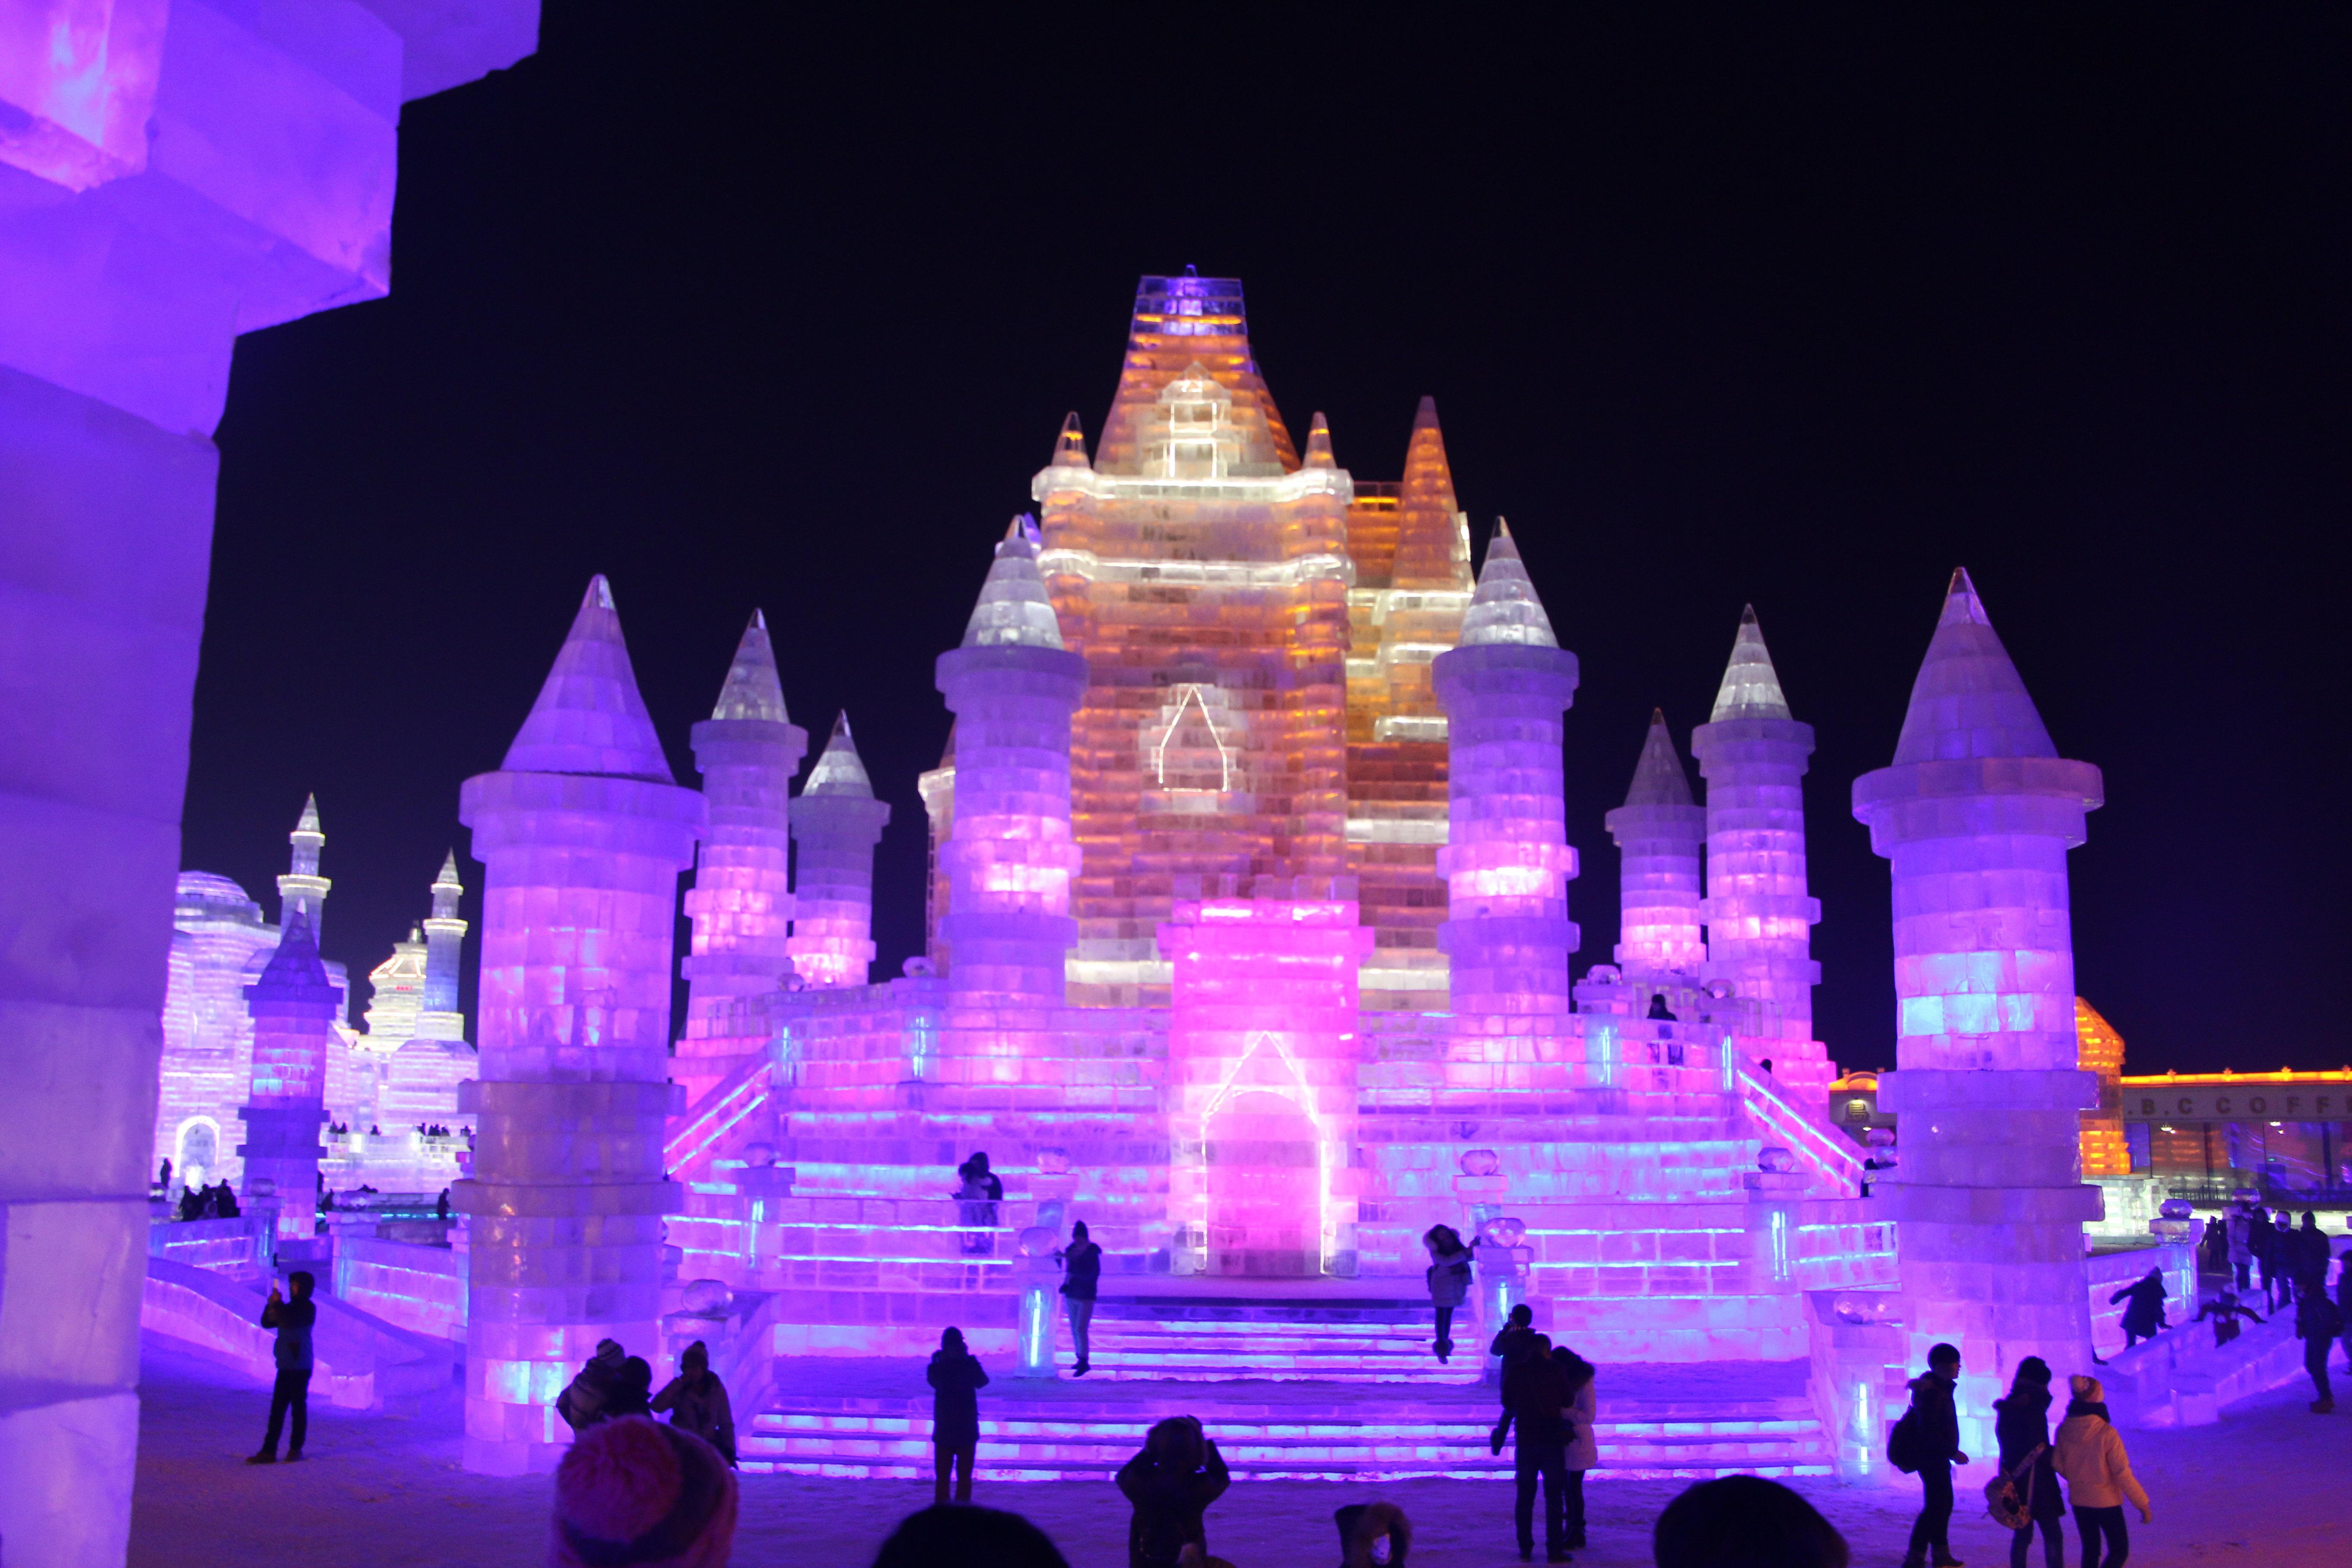 去哈尔滨冰雪大世界_【携程攻略】哈尔滨哈尔滨冰雪大世界景点,冰雪大世界真的很 ...